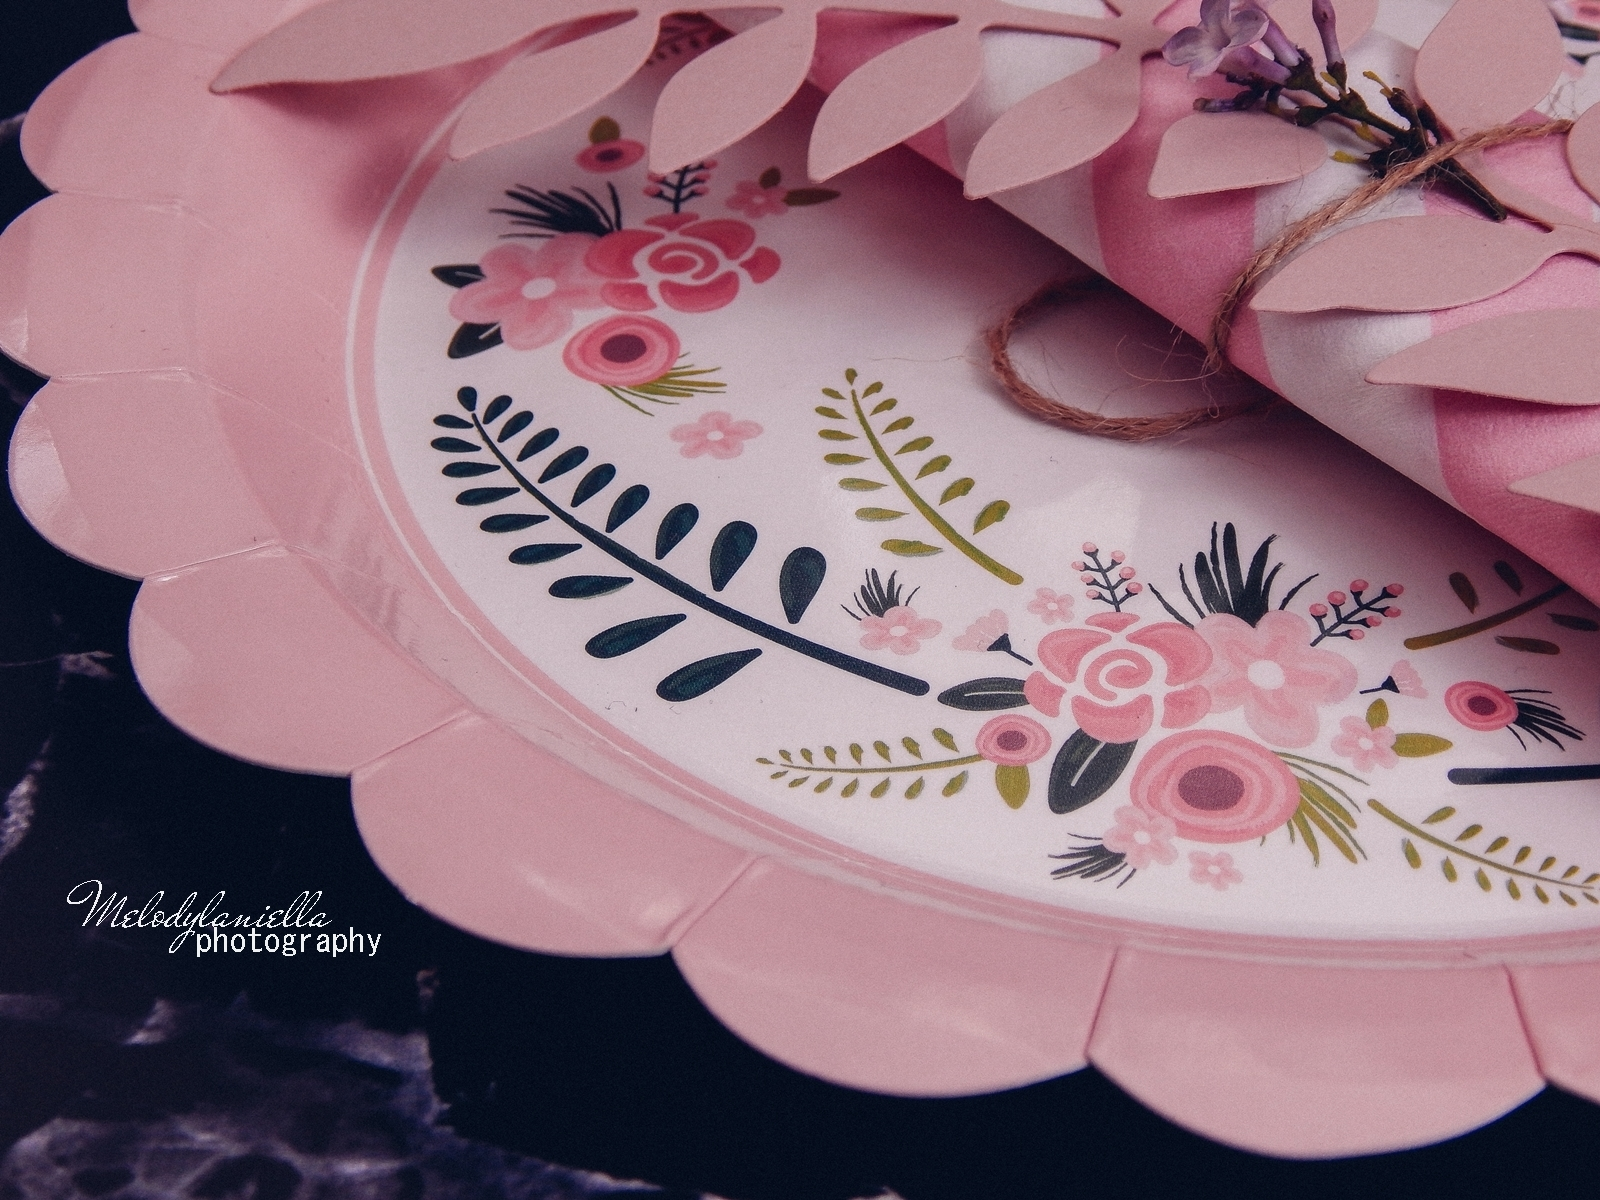 12 partybox.pl imprezu urodziny stroje dodatki na imprezę dekoracje nakrycia akcesoria imprezowe jak udekorować stół na dzień mamy pomysły na dzień matki kwiaty na stole talerze